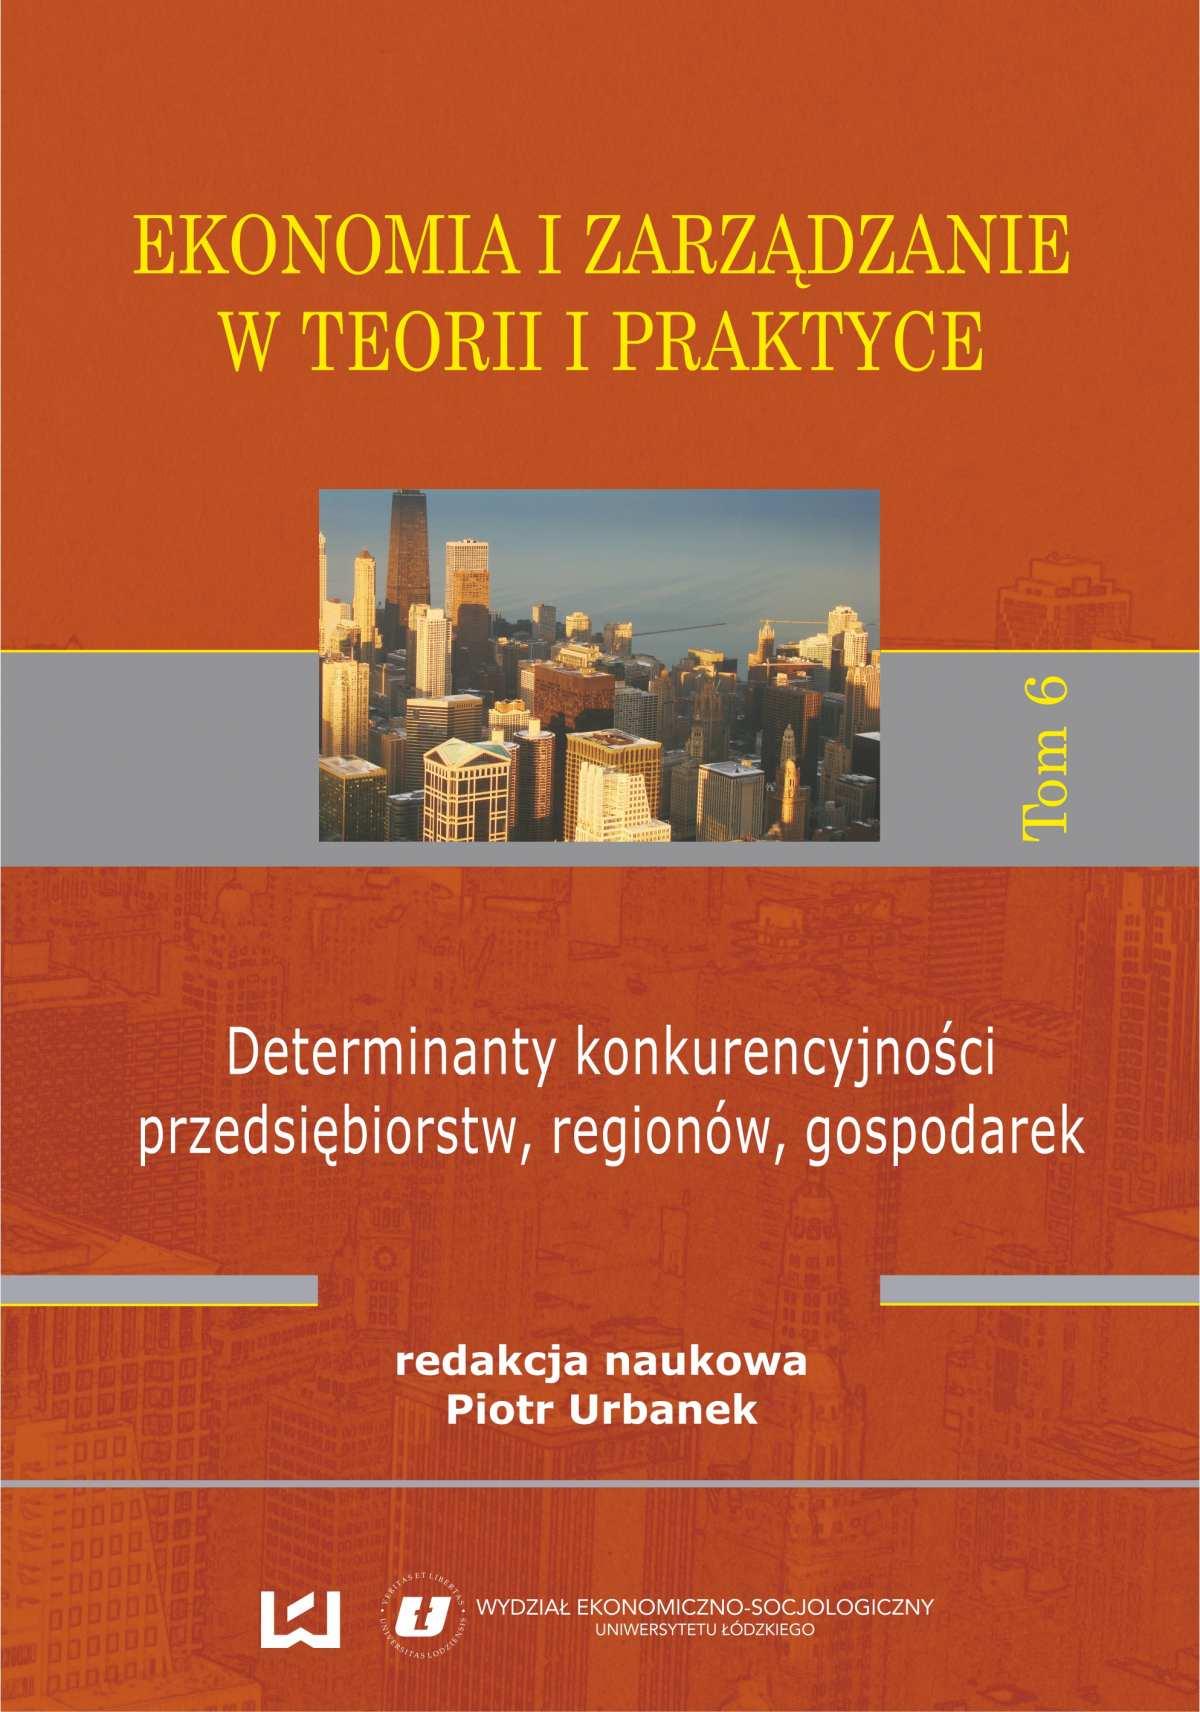 Ekonomia i zarządzanie w teorii i praktyce. Tom 6. Determinanty konkurencyjności przedsiębiorstw, regionów, gospodarek - Ebook (Książka PDF) do pobrania w formacie PDF